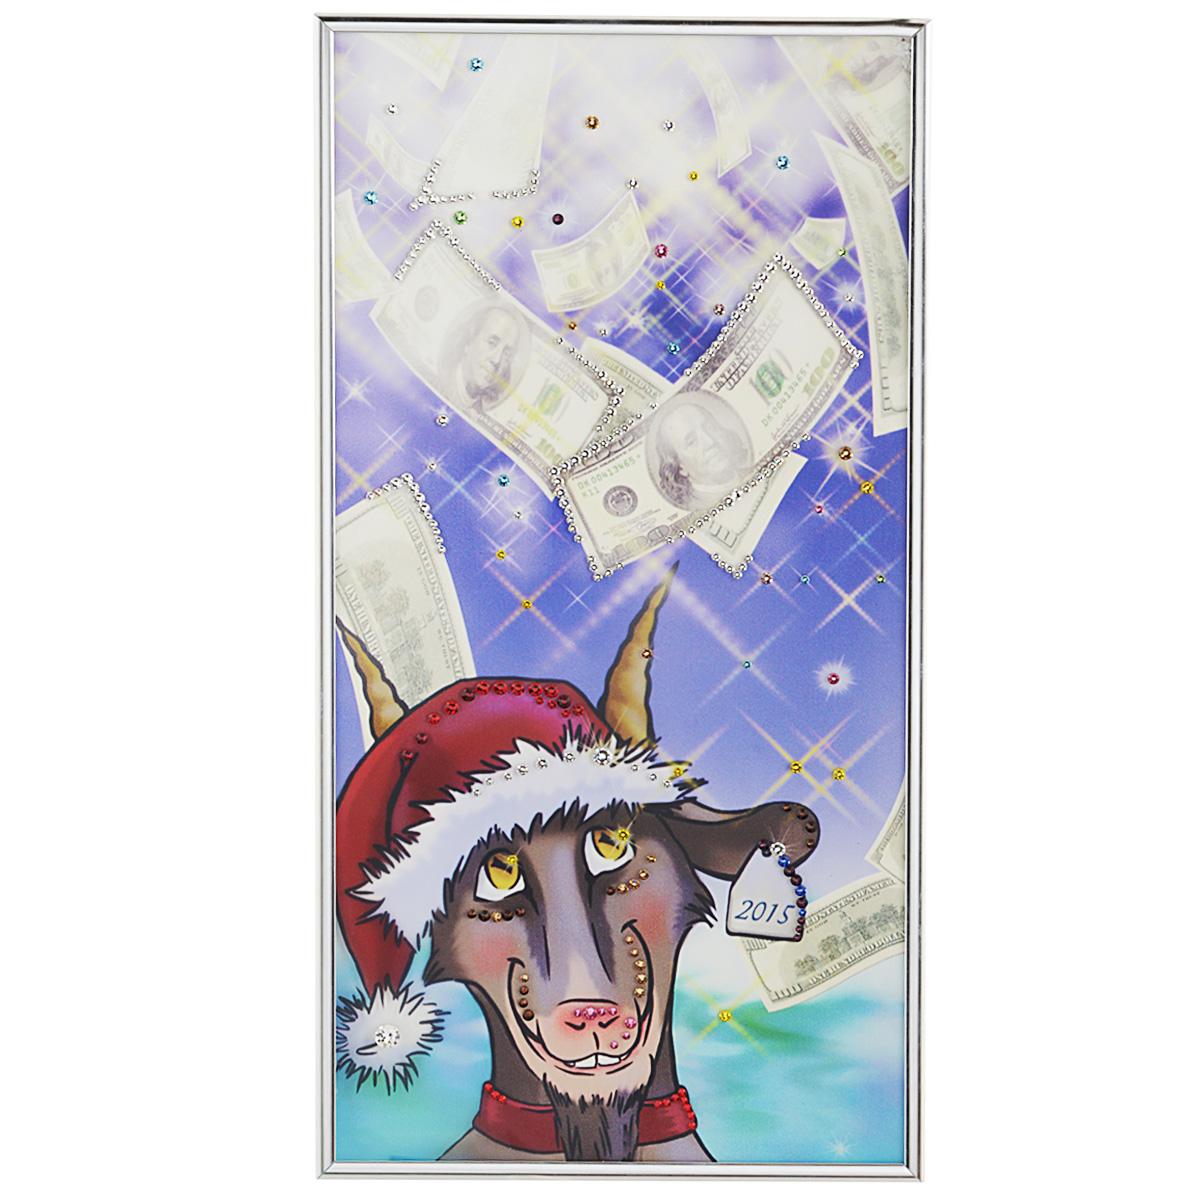 Картина с кристаллами Swarovski Про100козел, 20 см х 40 см1398Изящная картина в металлической раме, инкрустирована кристаллами Swarovski, которые отличаются четкой и ровной огранкой, ярким блеском и чистотой цвета. Красочное изображение козла, в новогодней шапке, расположенное под стеклом, прекрасно дополняет блеск кристаллов. С обратной стороны имеется металлическая петелька для размещения картины на стене. Картина с кристаллами Swarovski Про100козел элегантно украсит интерьер дома или офиса, а также станет прекрасным подарком, который обязательно понравится получателю. Блеск кристаллов в интерьере, что может быть сказочнее и удивительнее. Картина упакована в подарочную картонную коробку синего цвета и комплектуется сертификатом соответствия Swarovski. Количество кристаллов: 240 шт. Размер картины: 20 см х 40 см.